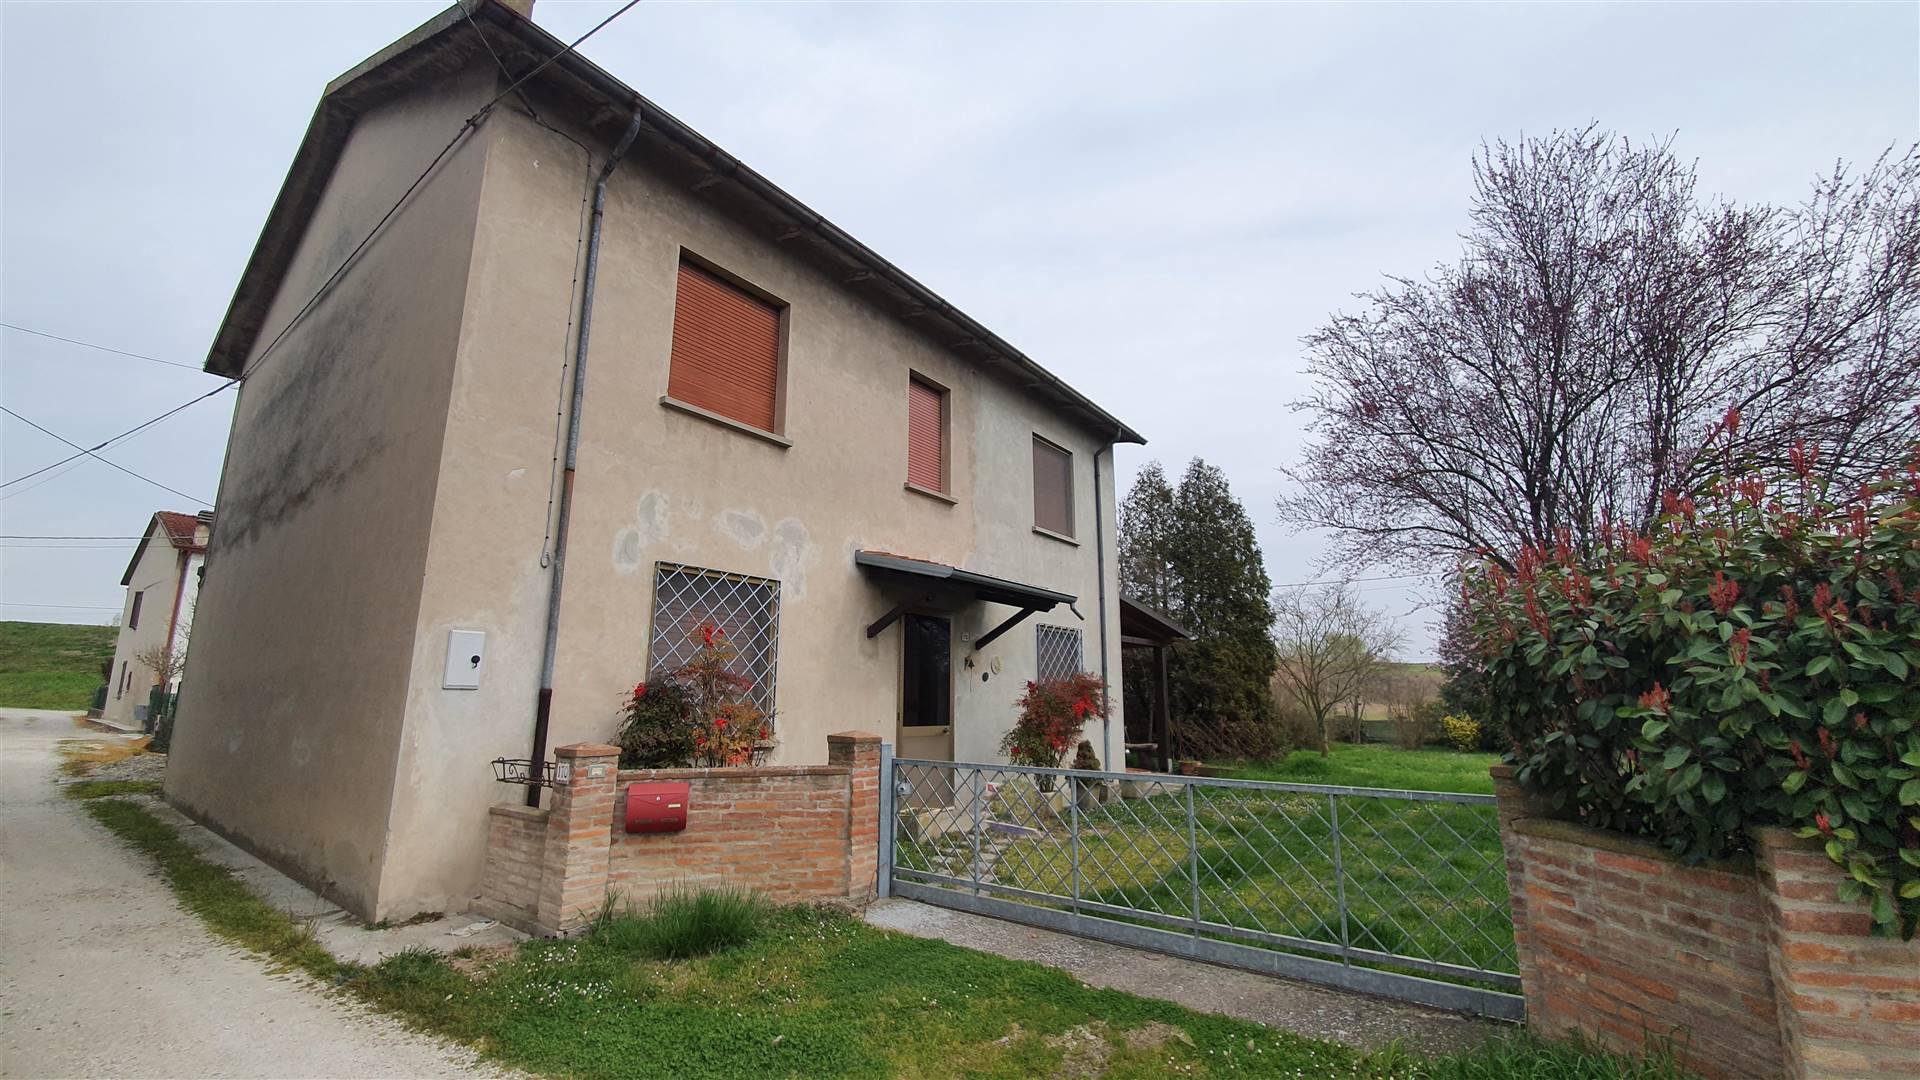 Soluzione Indipendente in vendita a San Benedetto Po, 9 locali, zona Zona: Bardelle, Trattative riservate | CambioCasa.it